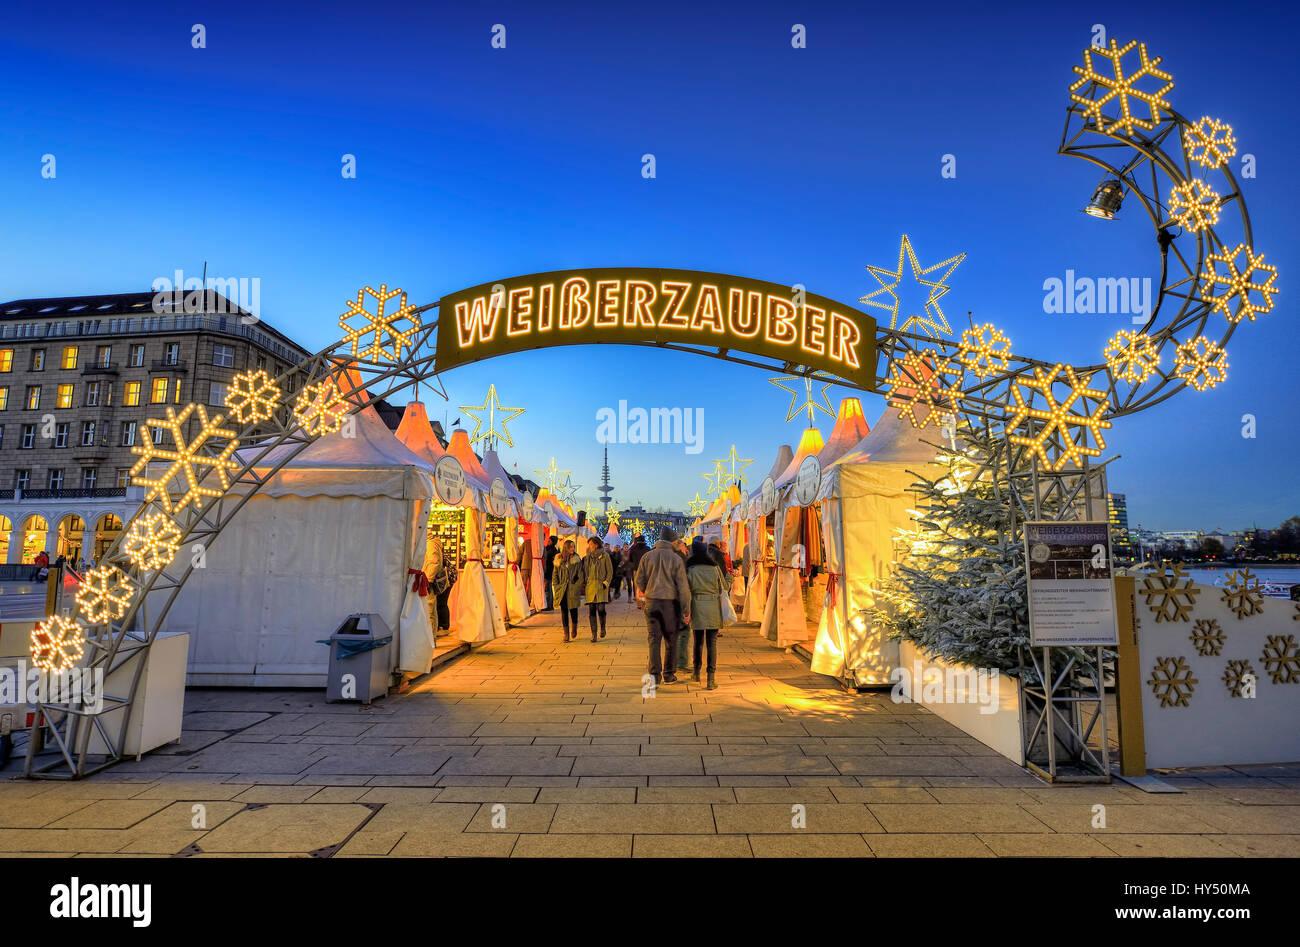 Jungfernstieg Weihnachtsmarkt.Weihnachtsmarkt Am Jungfernstieg In Hamburg Deutschland